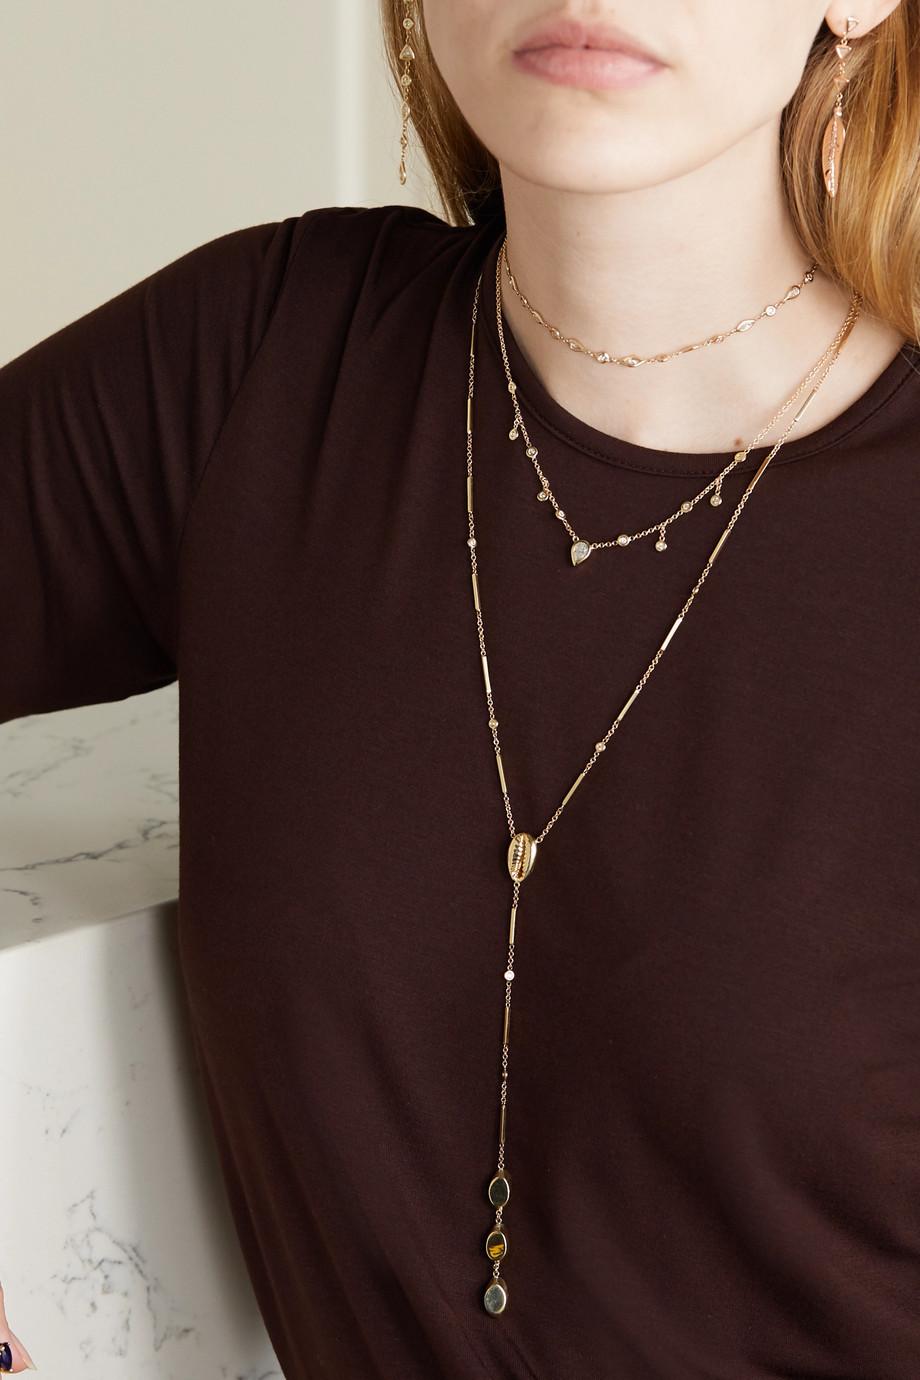 Jacquie Aiche 14-karat gold diamond necklace